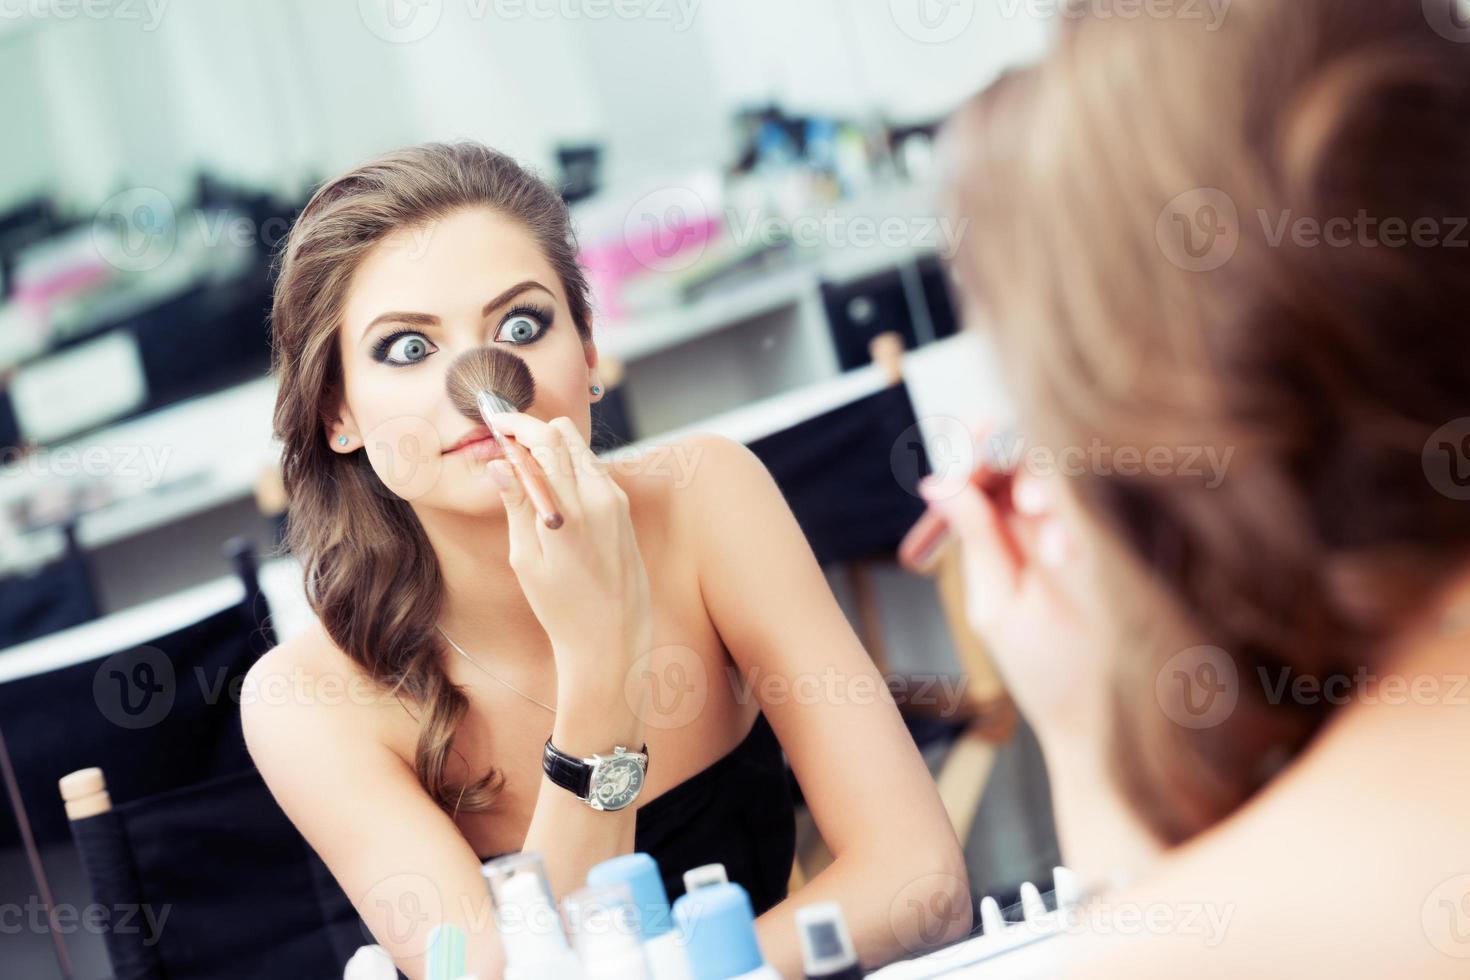 donna scherzando davanti a uno specchio foto